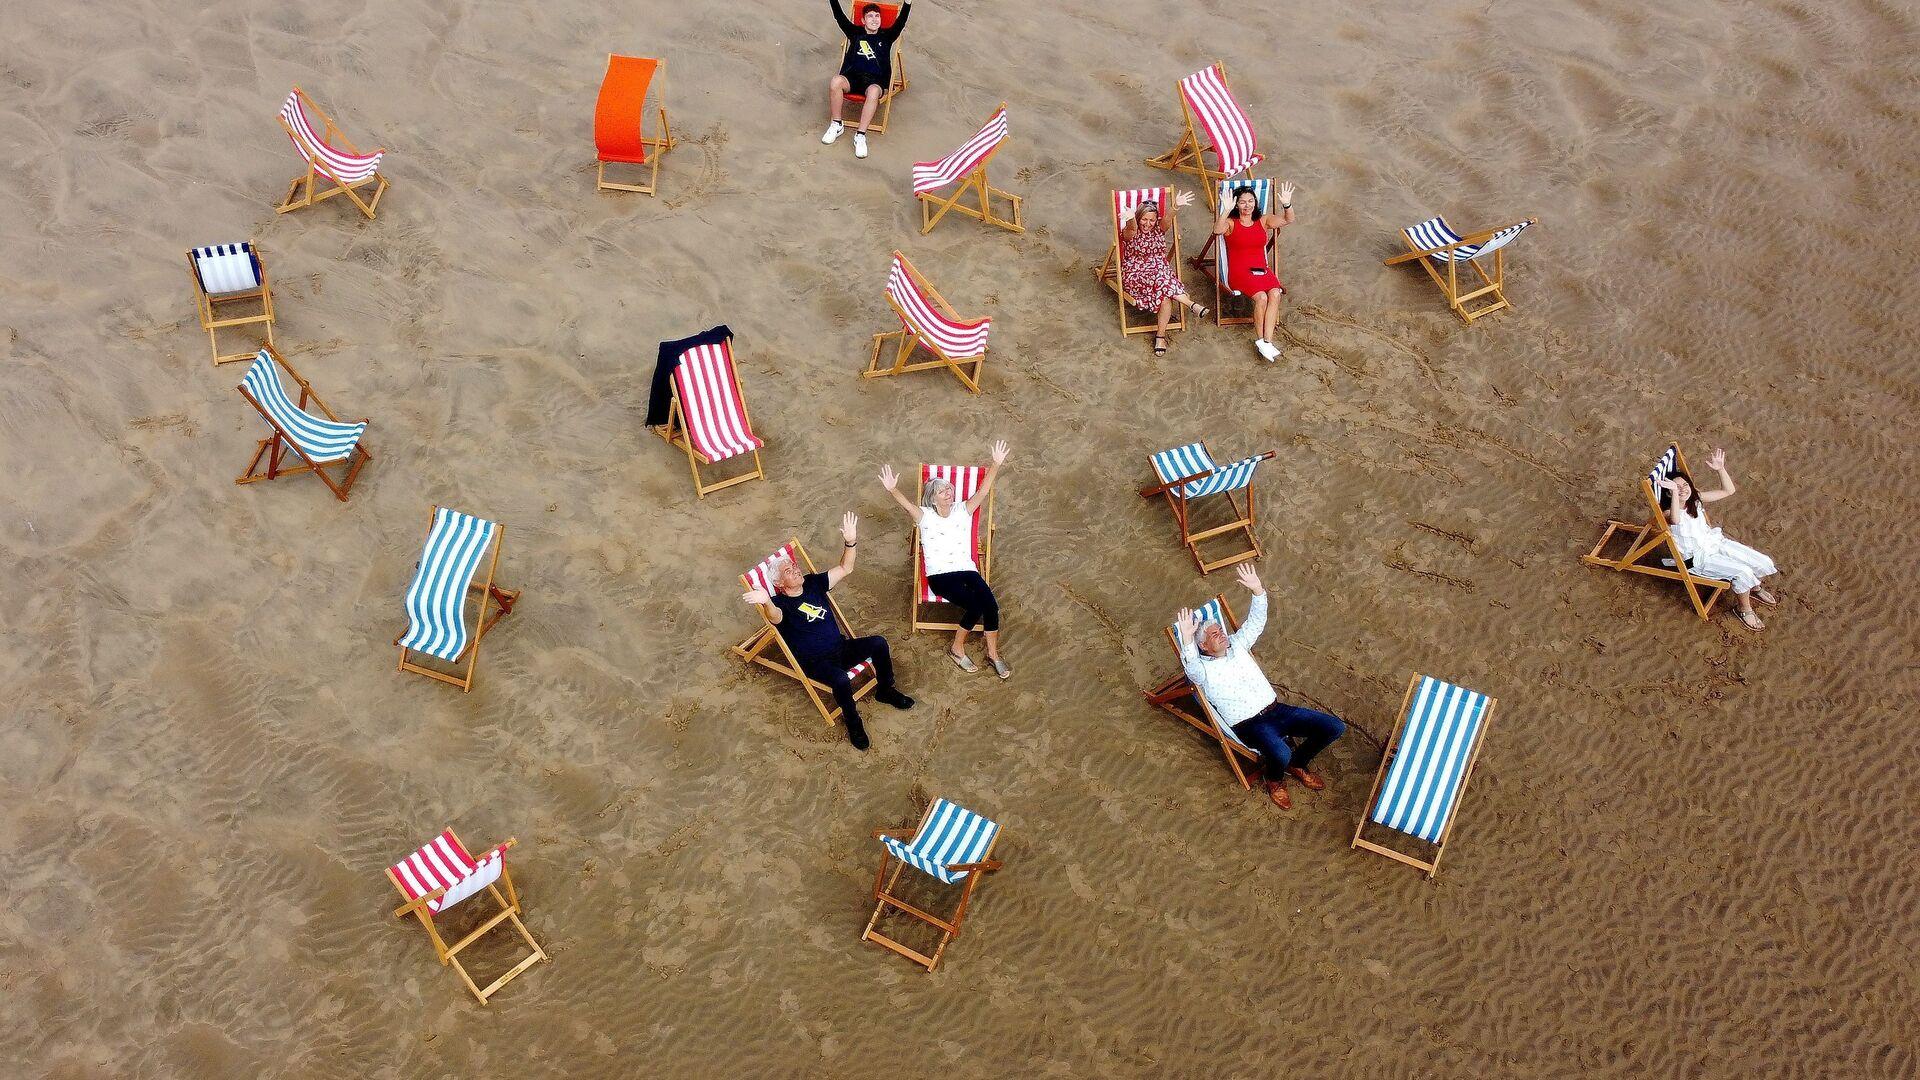 Люди позируют для фотографии, сидя в шезлонгах на пляже в Блэкпуле, Великобритания - Sputnik Тоҷикистон, 1920, 25.07.2021